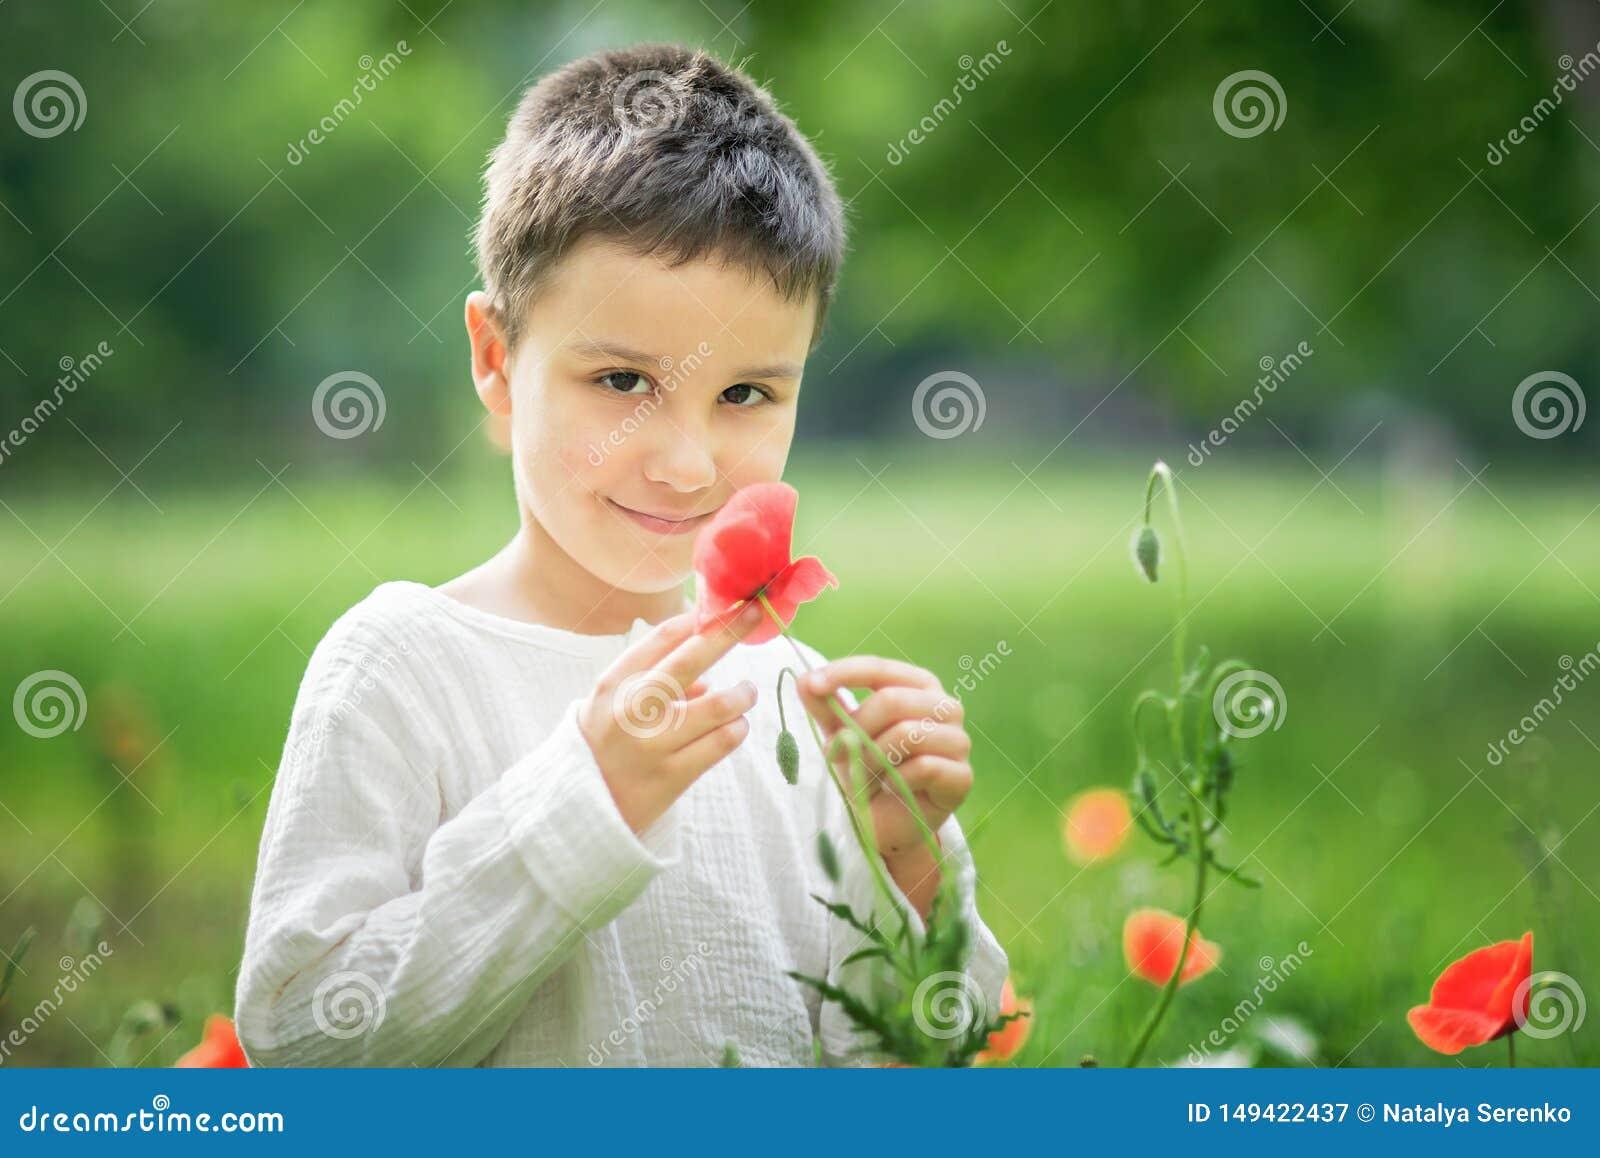 Счастливое маленькое усмехаясь положение мальчика и усмехаться в поле мака